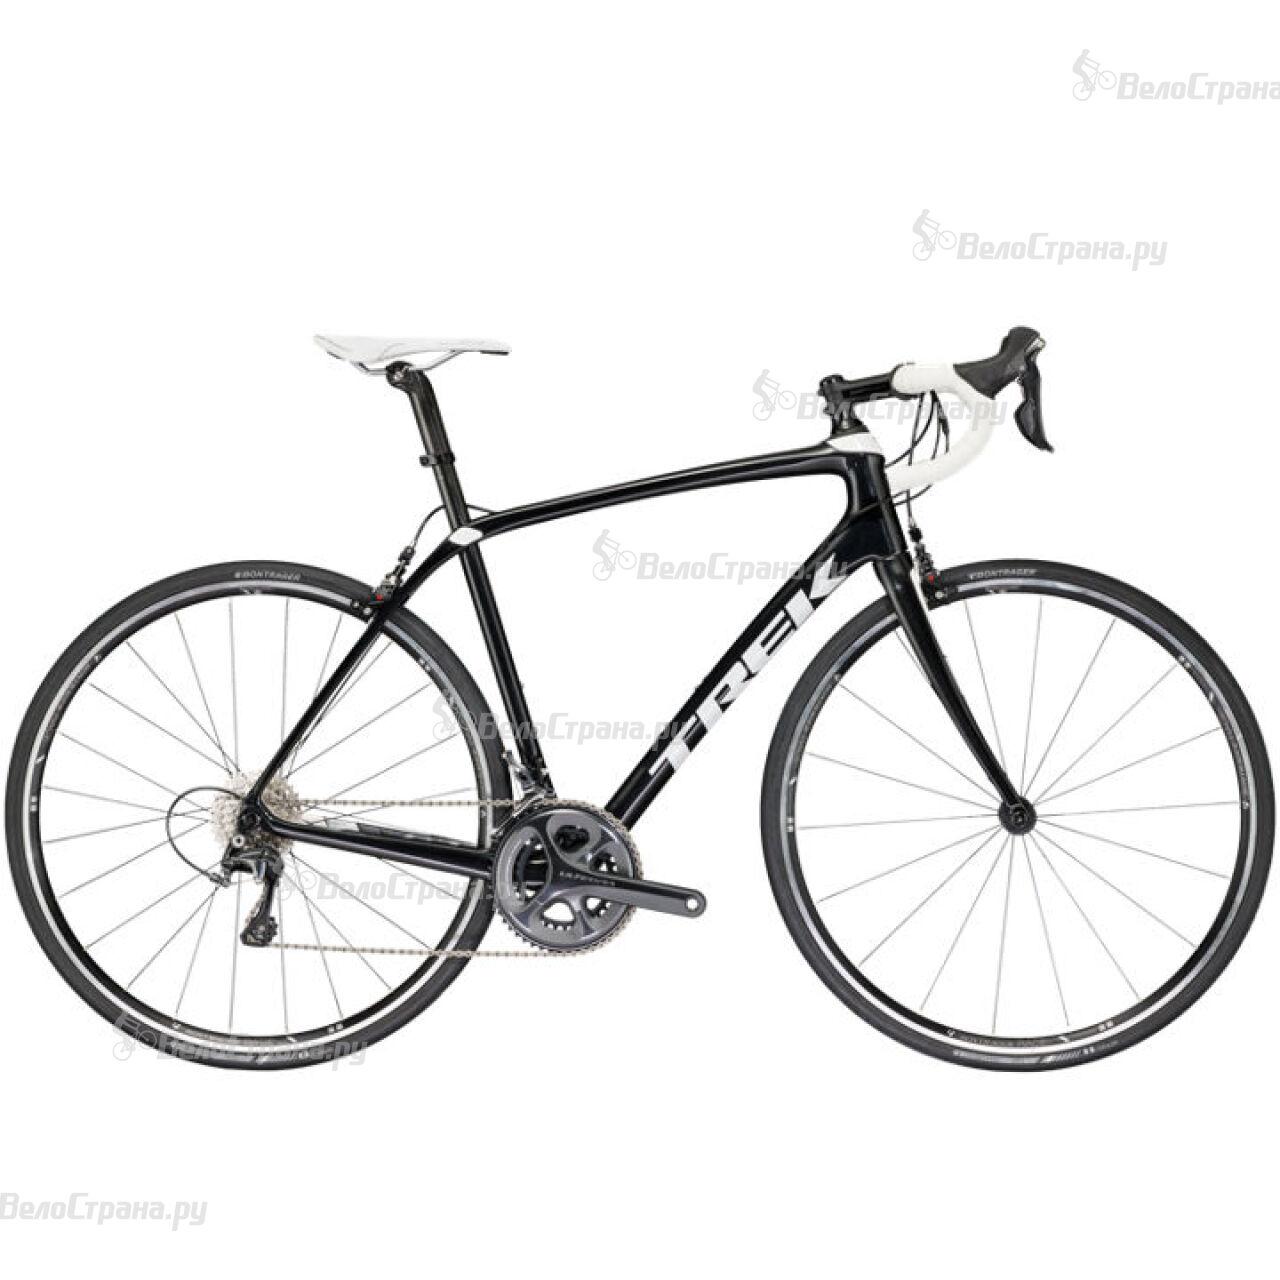 Велосипед Trek Domane SL 6 (2017) велосипед trek domane 6 2 disc 2016